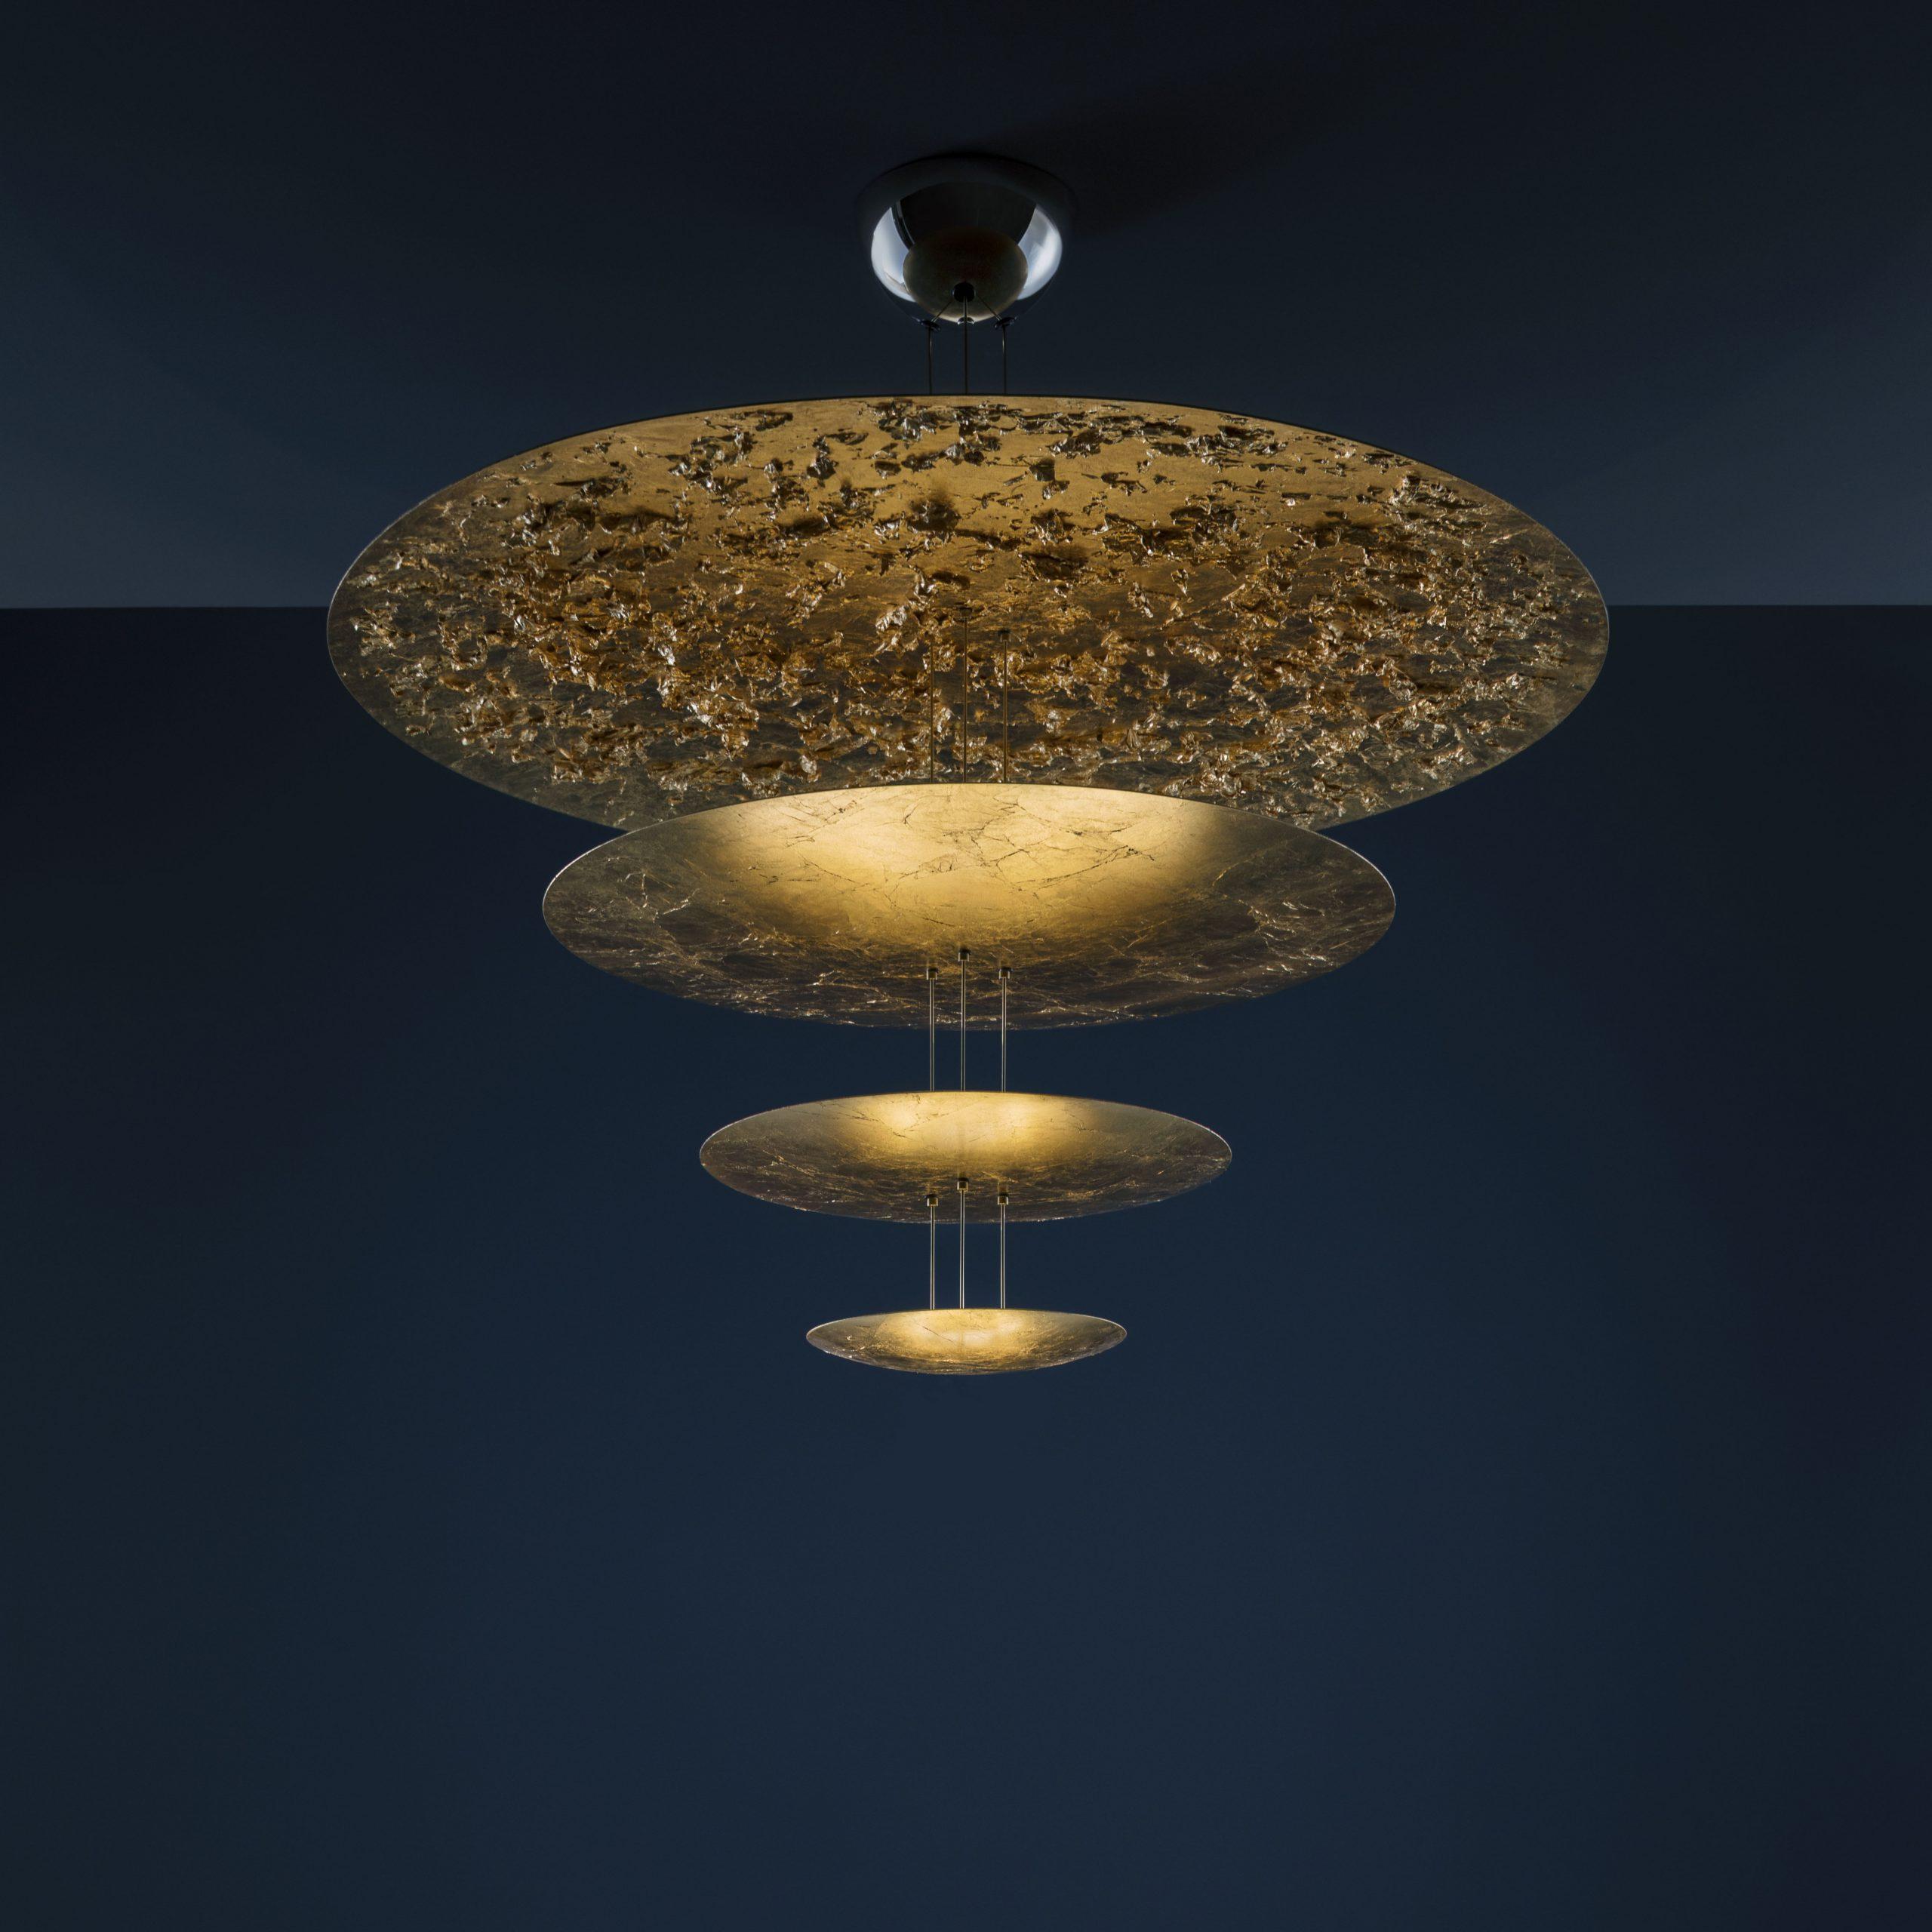 Machine nan limyè F lanp pendant - / ki ap dirije - Ø 120 x H 145 cm - 4 disk lò Catellani & Smith Enzo Catellani